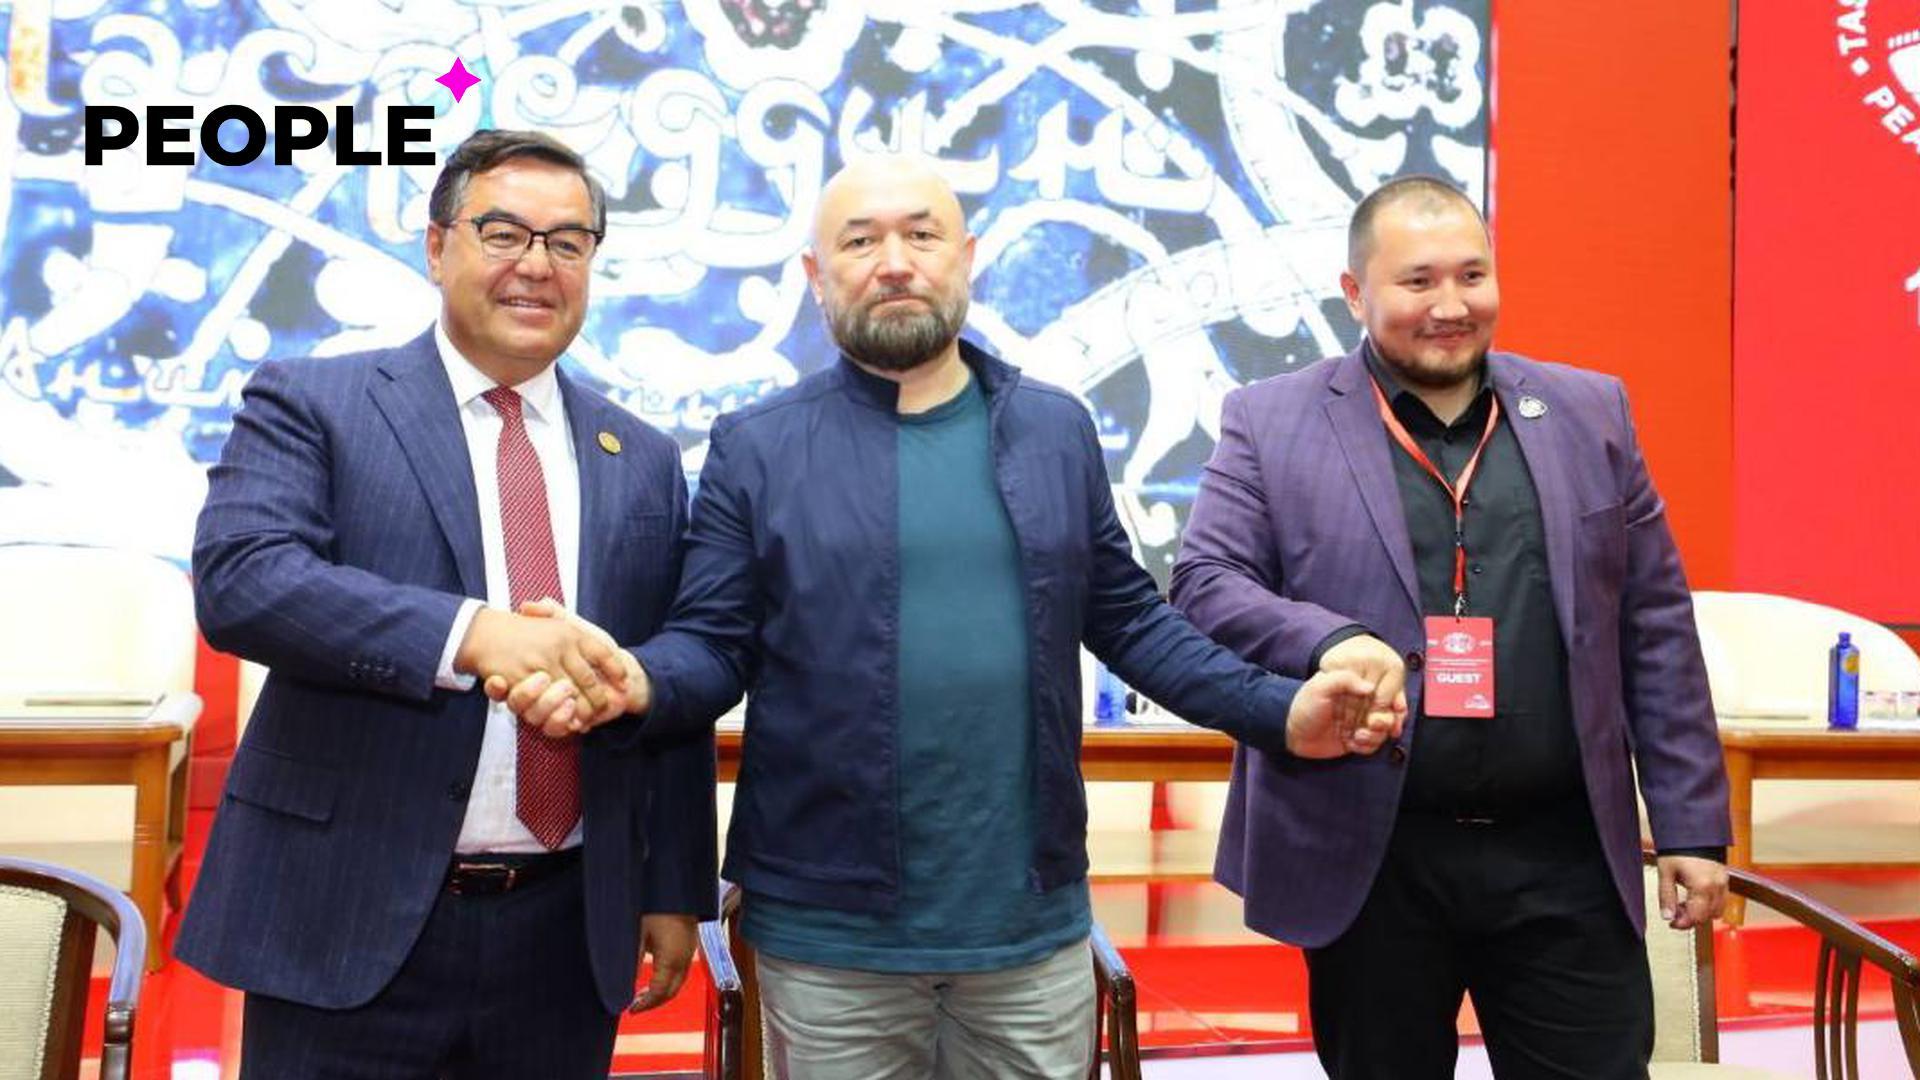 Тимур Бекмамбетов совместно с Узбекистаном и Казахстаном снимет мультфильм о Ходже Насреддине